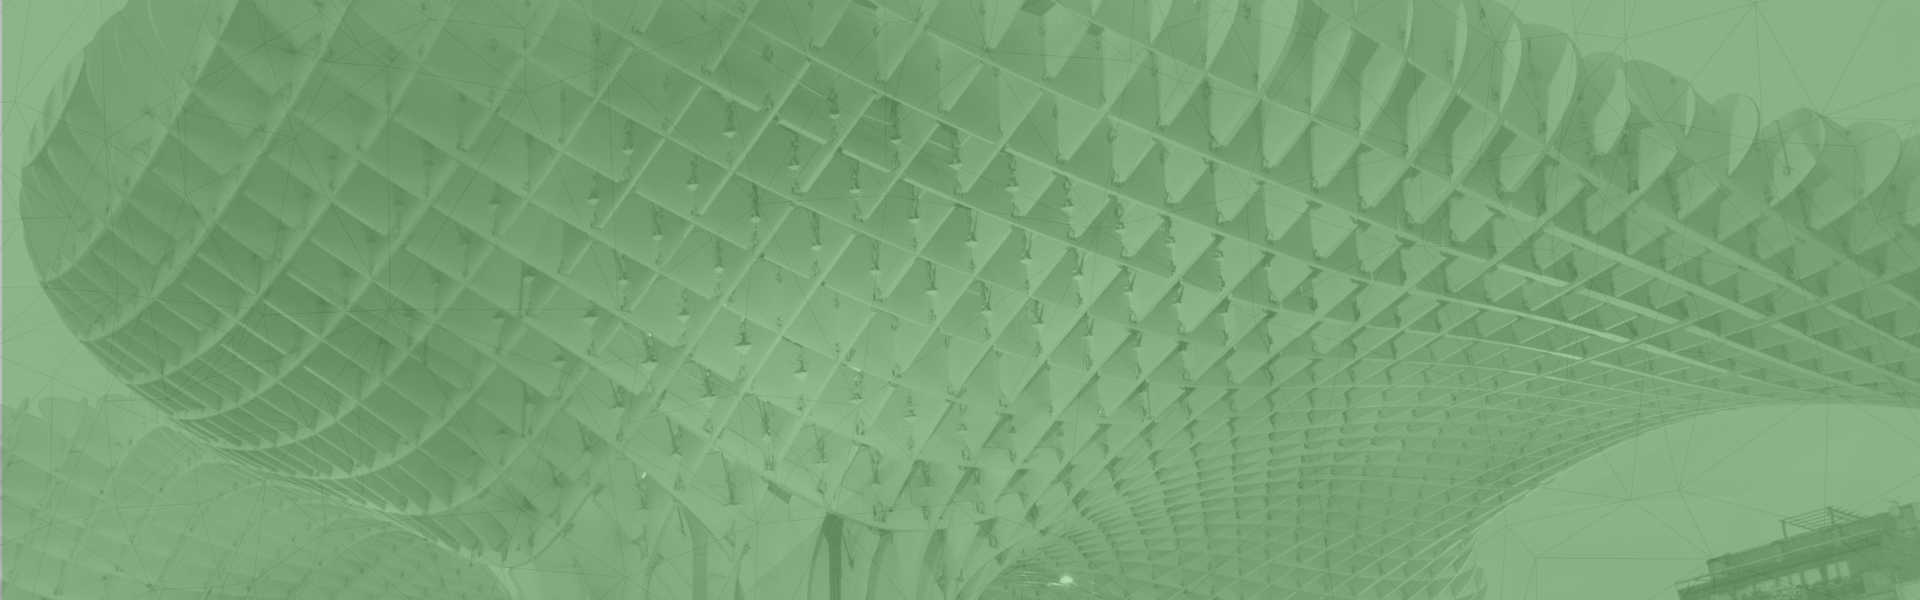 qosITconsulting Accésit de Digitalización e Innovación 2018